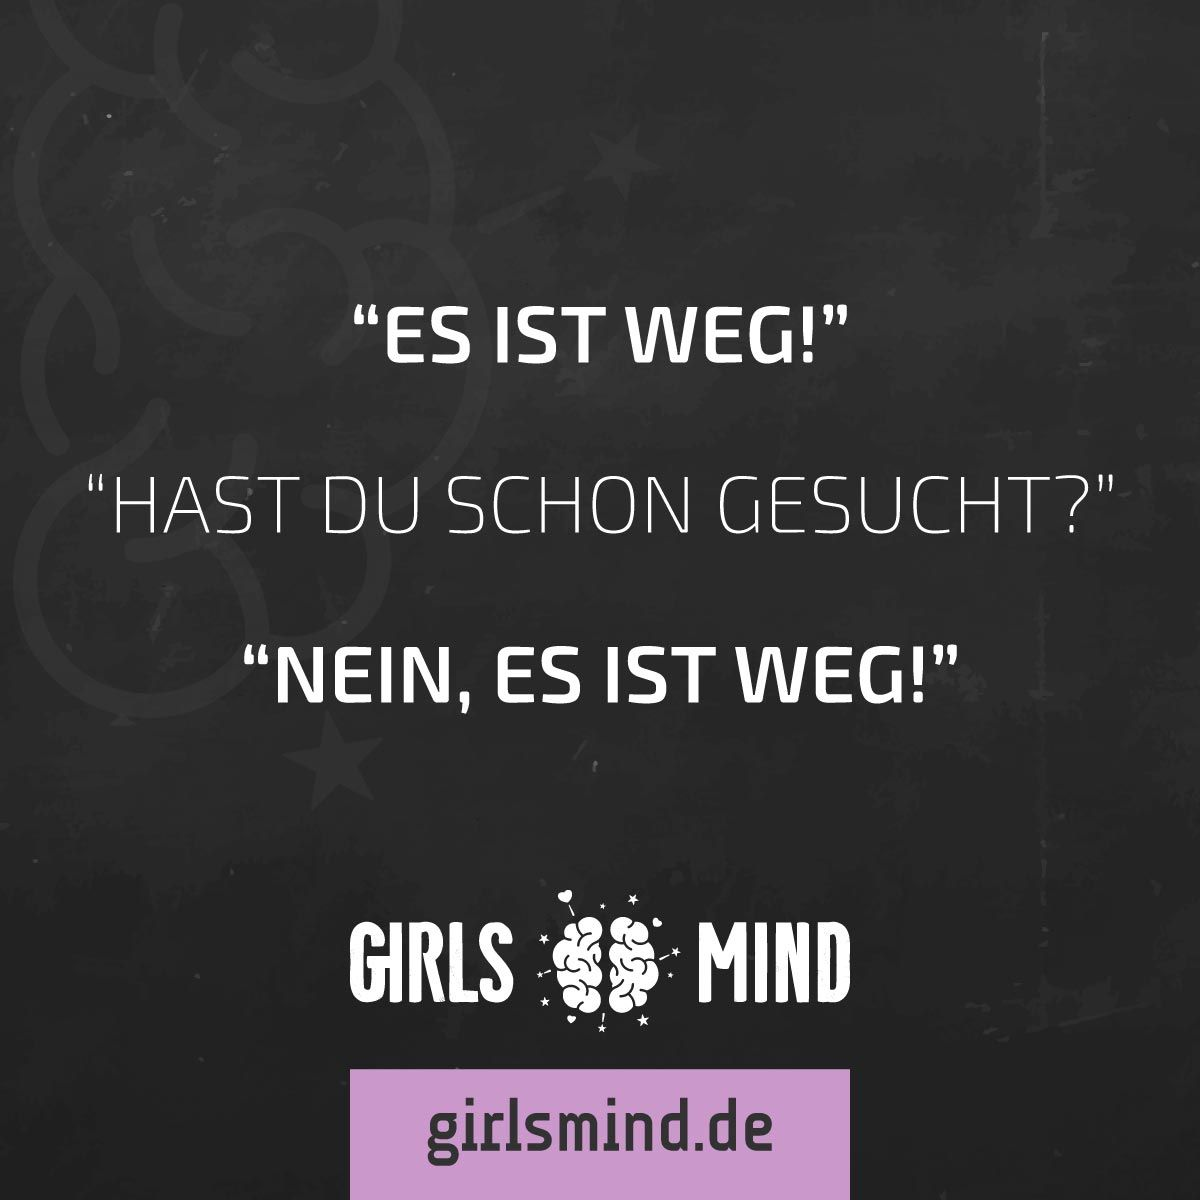 für ein lächeln am mittag. mehr sprüche auf: www.girlsmind.de